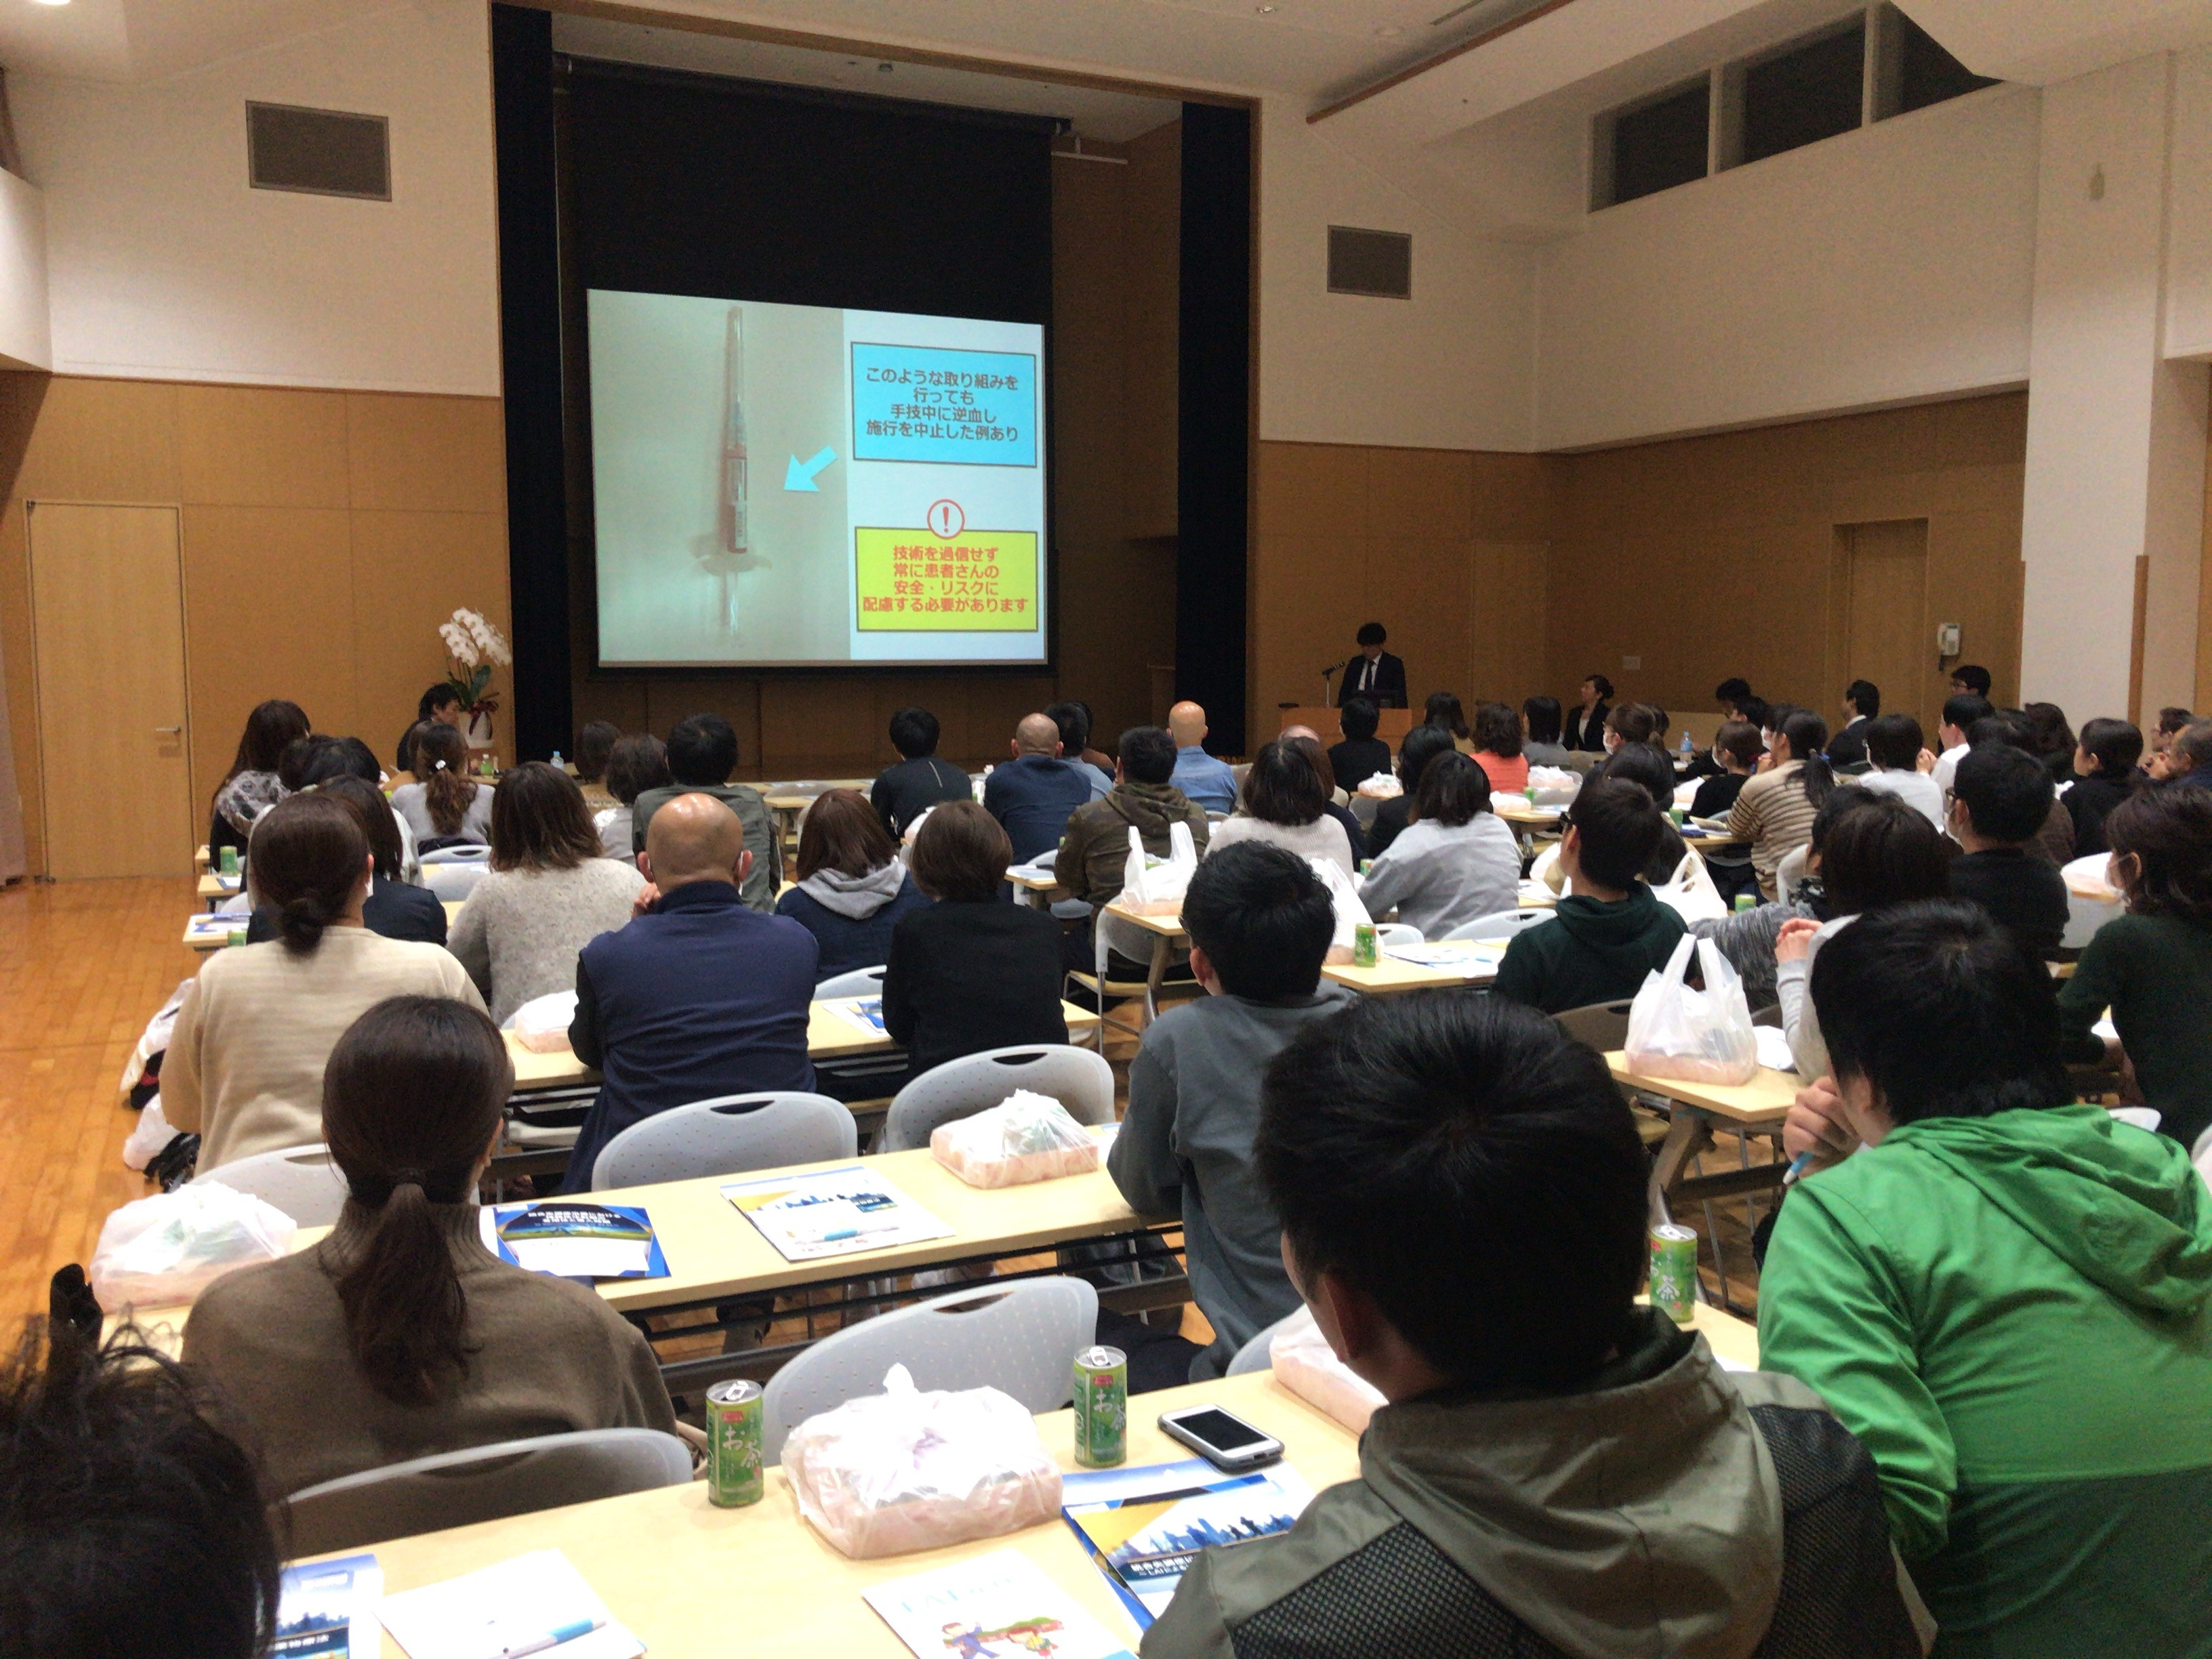 チーム医療講演会 in 長崎県 道ノ尾病院